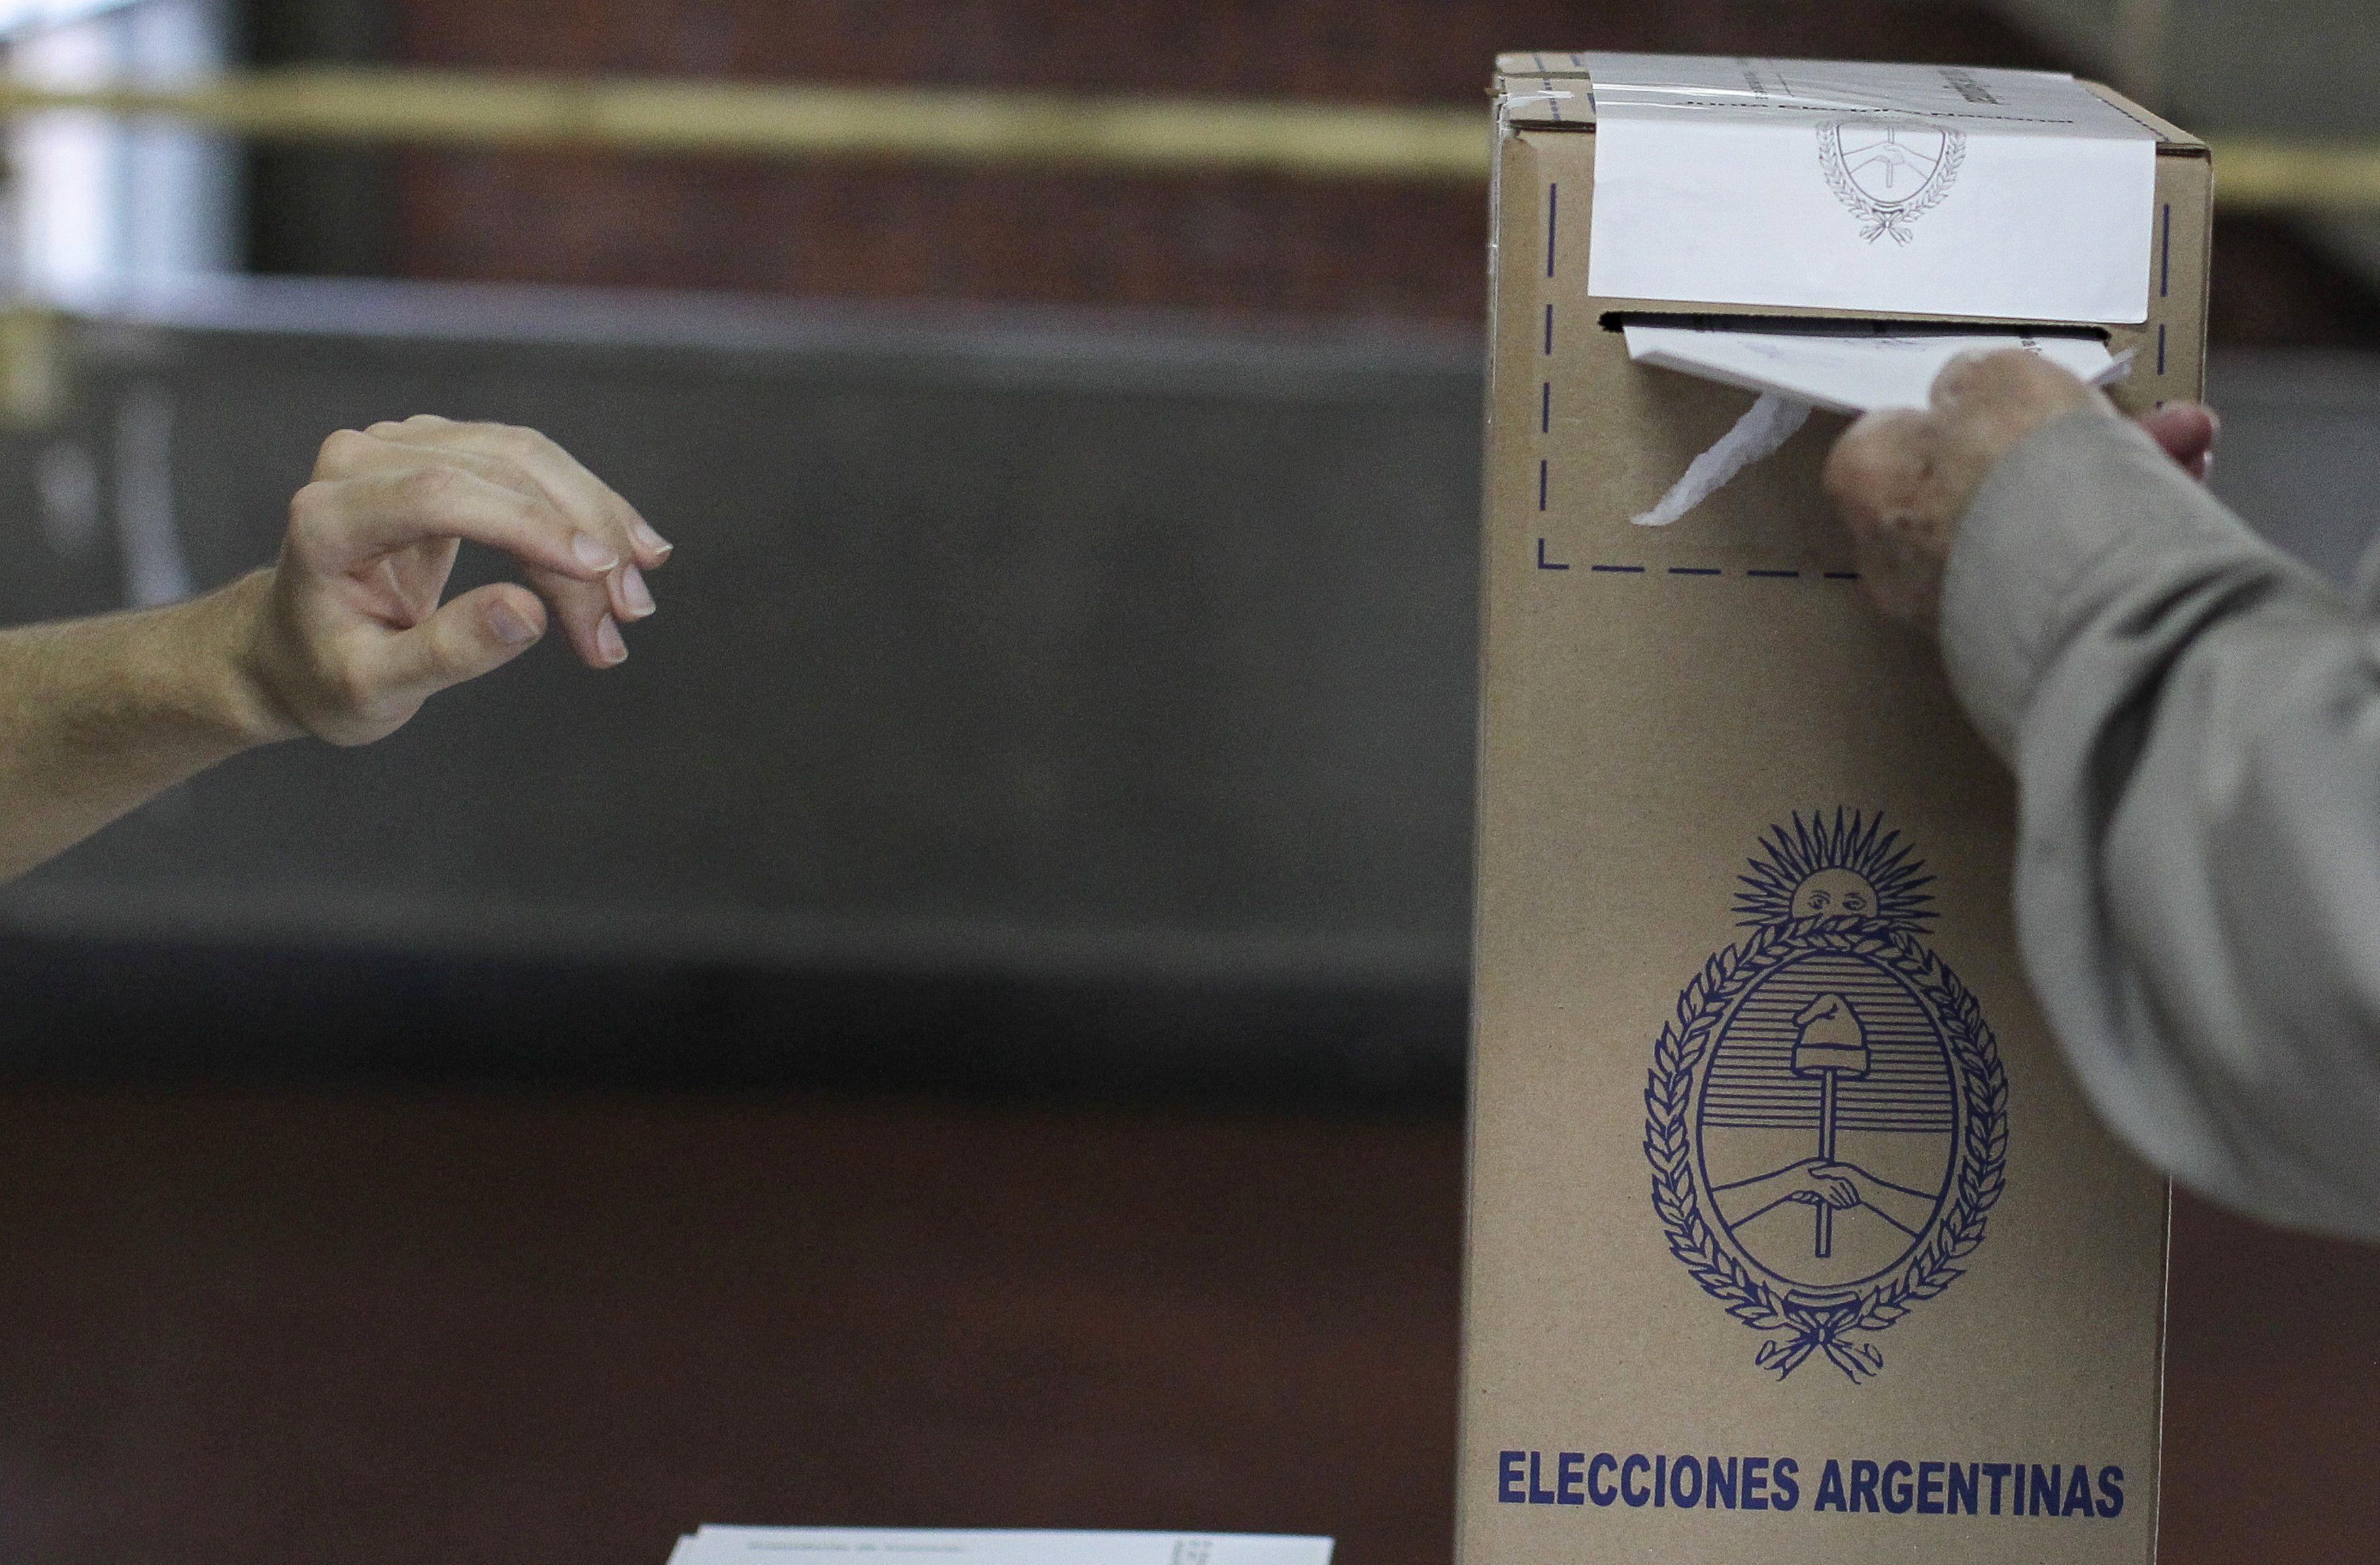 Unos 34,3 millones de argentinos están convocados a acudir a las urnas el próximo 12 de septiembre para definir con su voto las listas de candidatos que quedarán habilitadas para competir en los comicios legislativos programados para el 14 de noviembre. EFE/David Fernández/Archivo